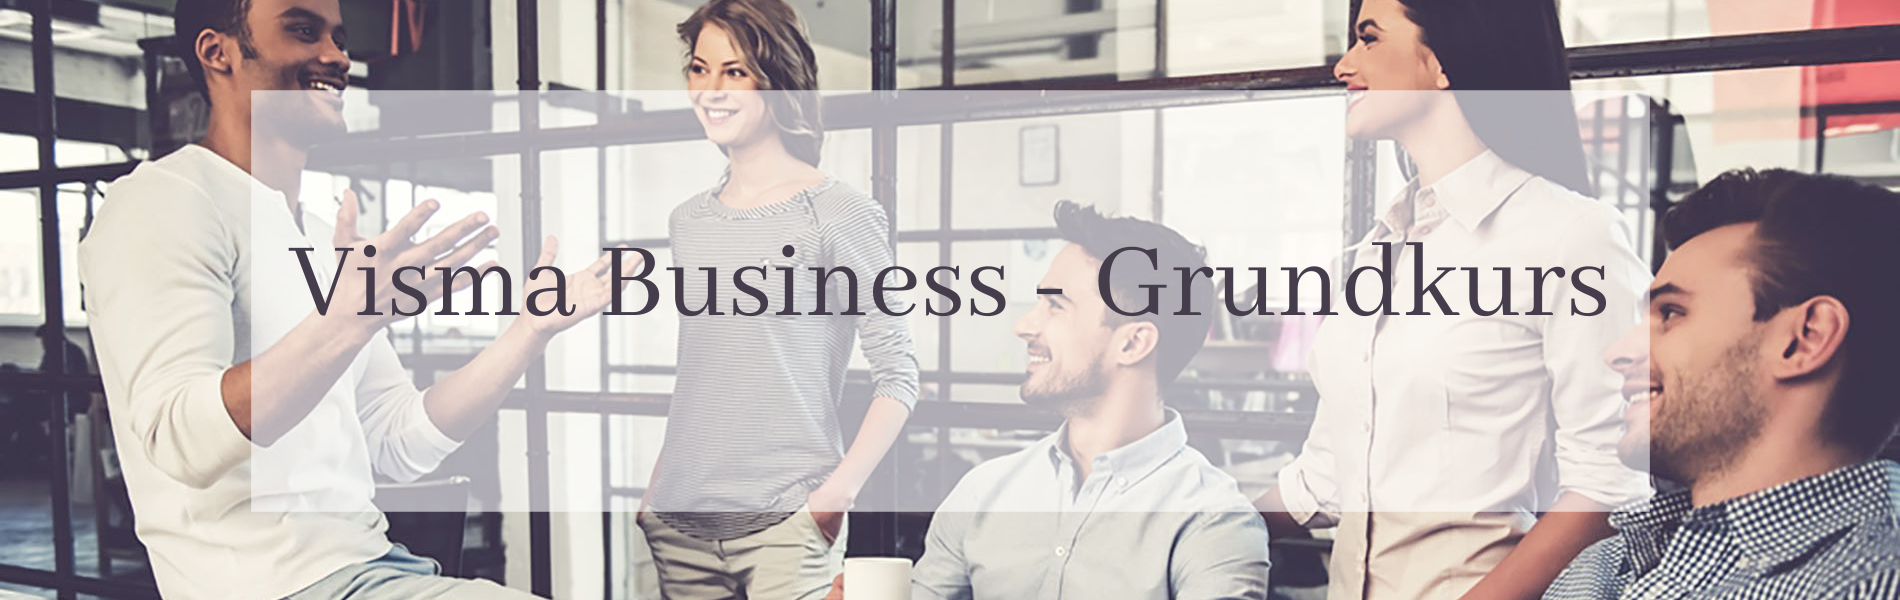 visma business utbildning